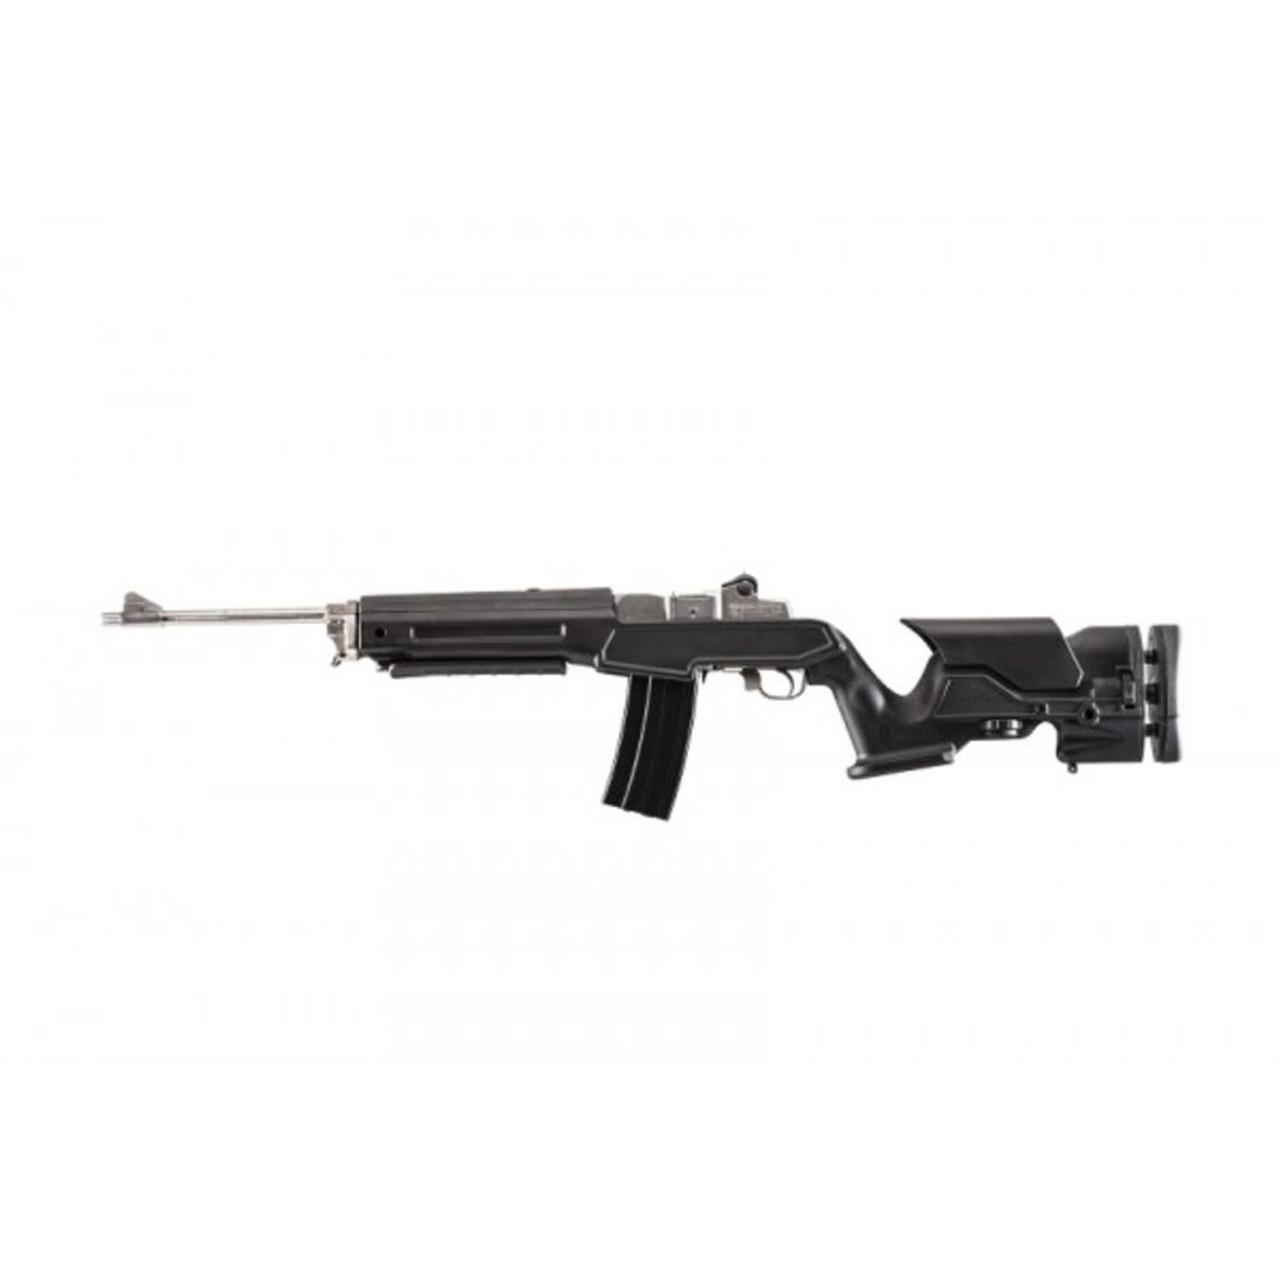 ProMag Archangel Stock, Fits Rug Mini 14/30, Adjustable, Black AAMINI, UPC  :708279011894